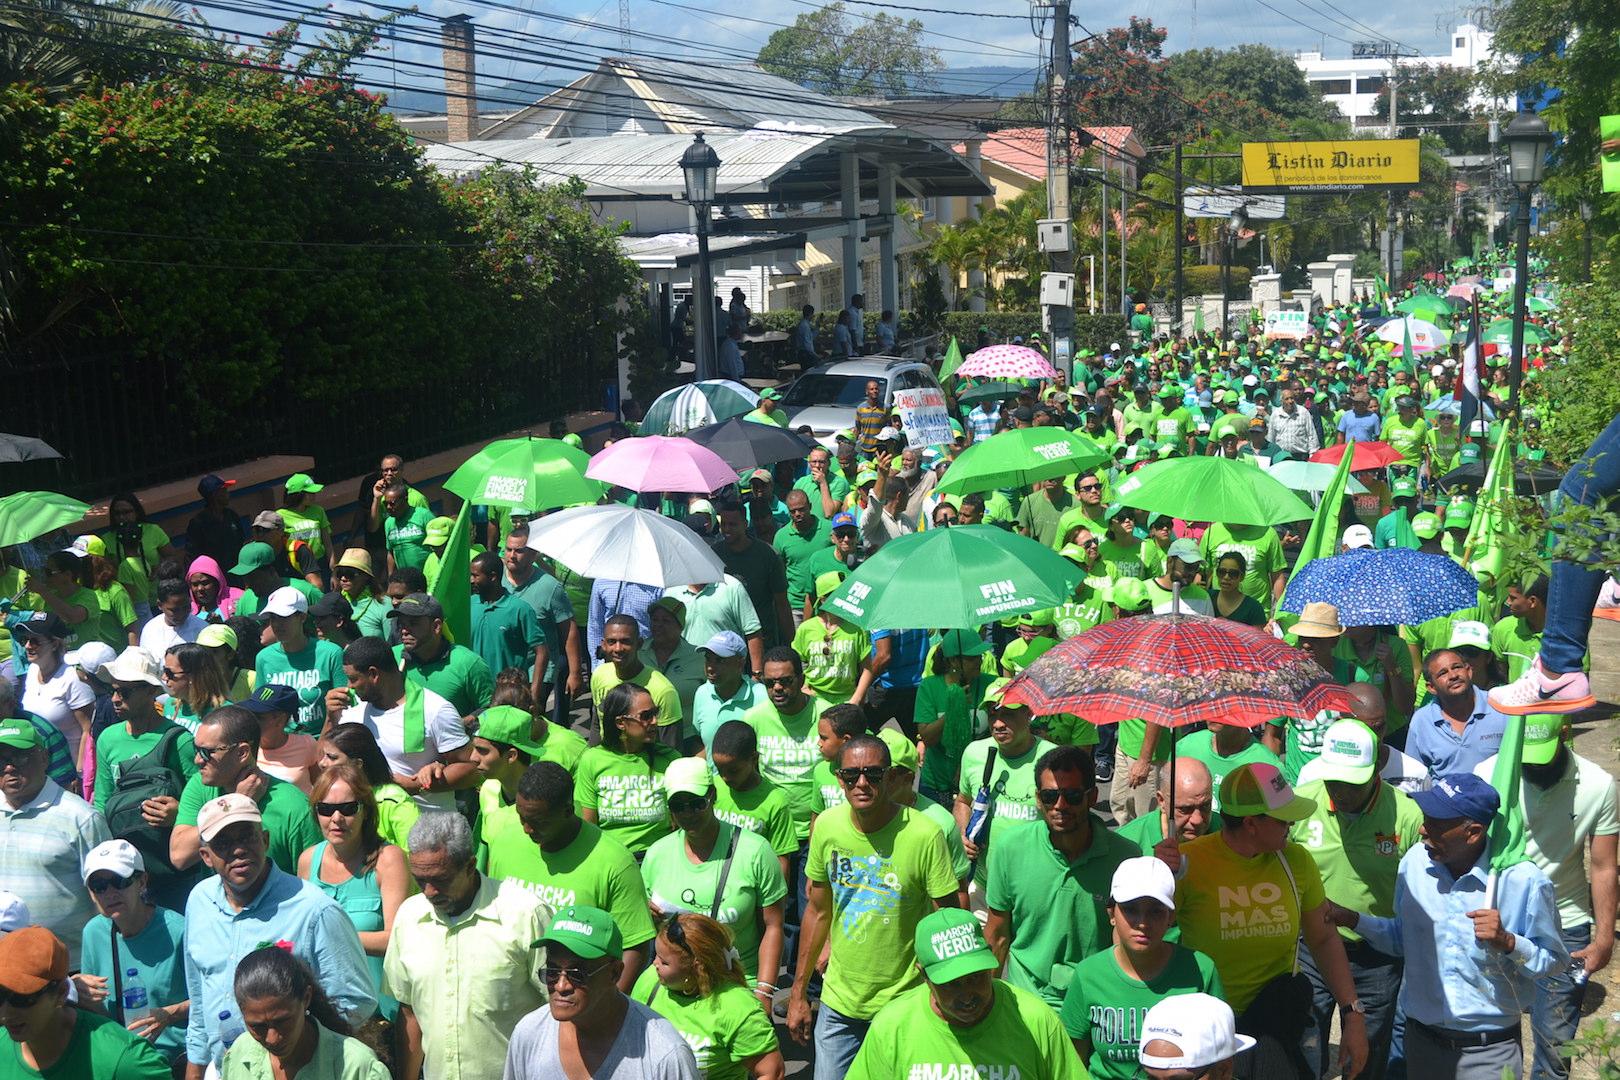 Resultado de imagen para Participantes de la Marcha Verde este domingo frente al Palacio Nacional